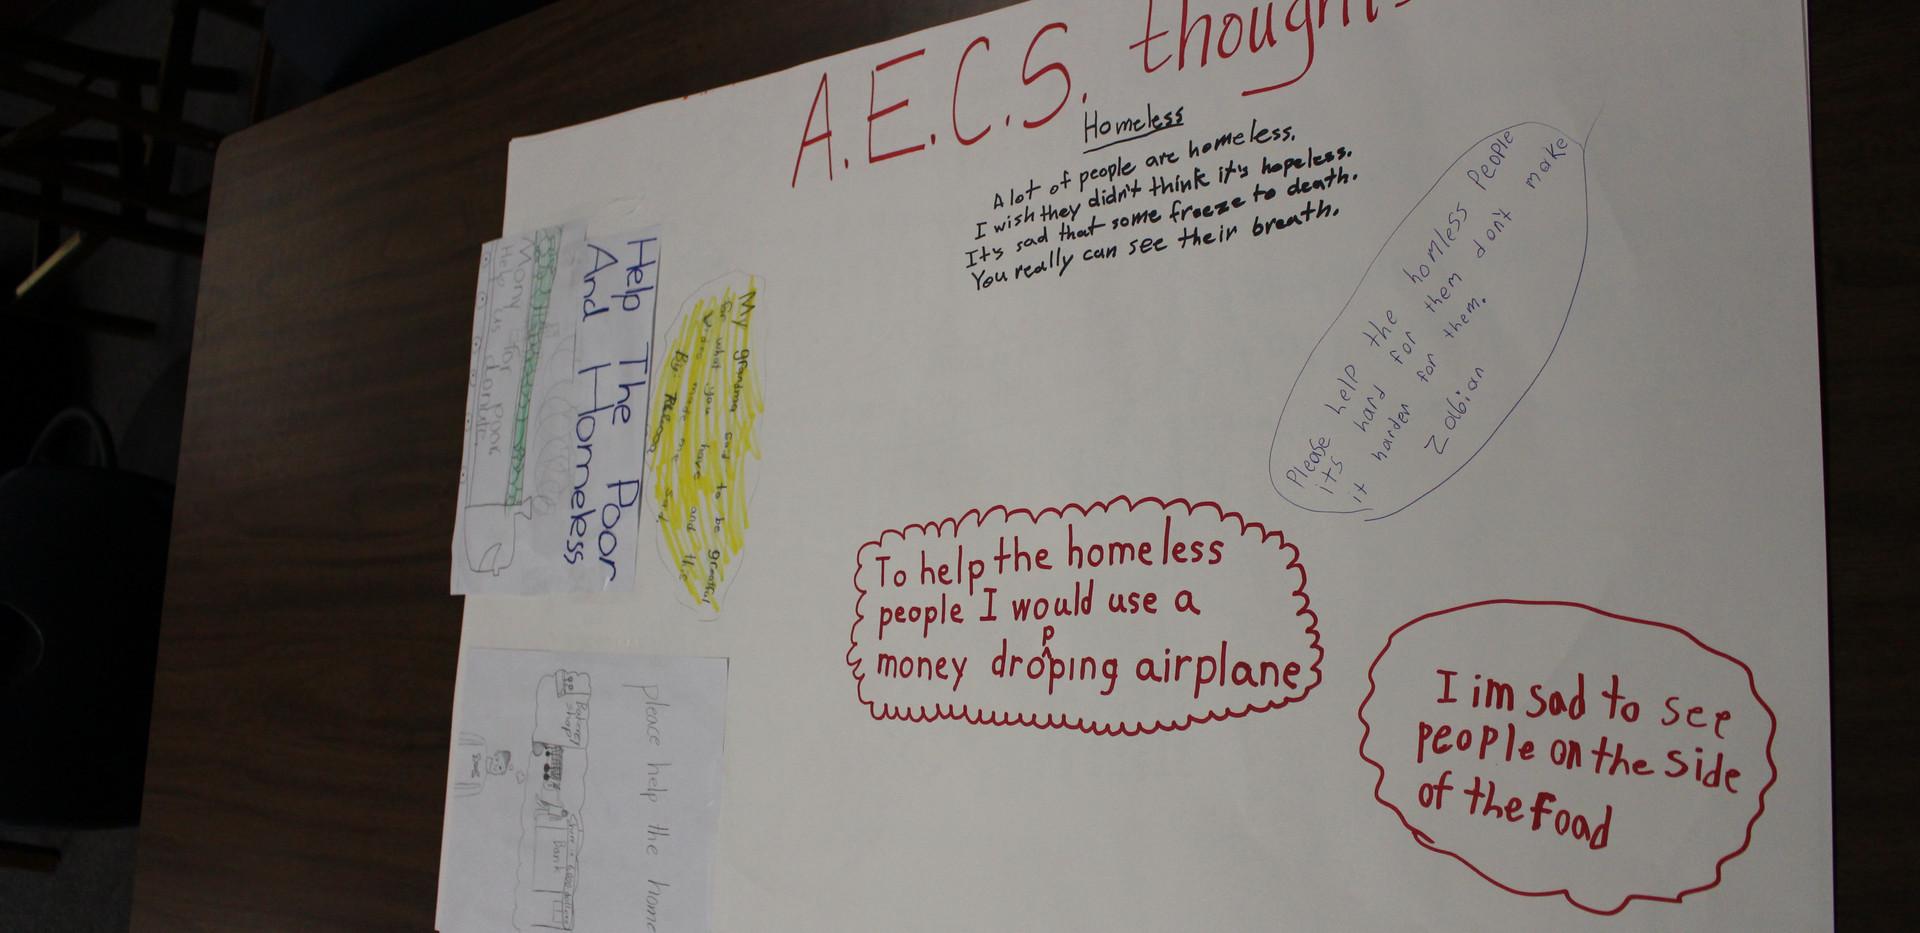 Homelessness poster 3.JPG